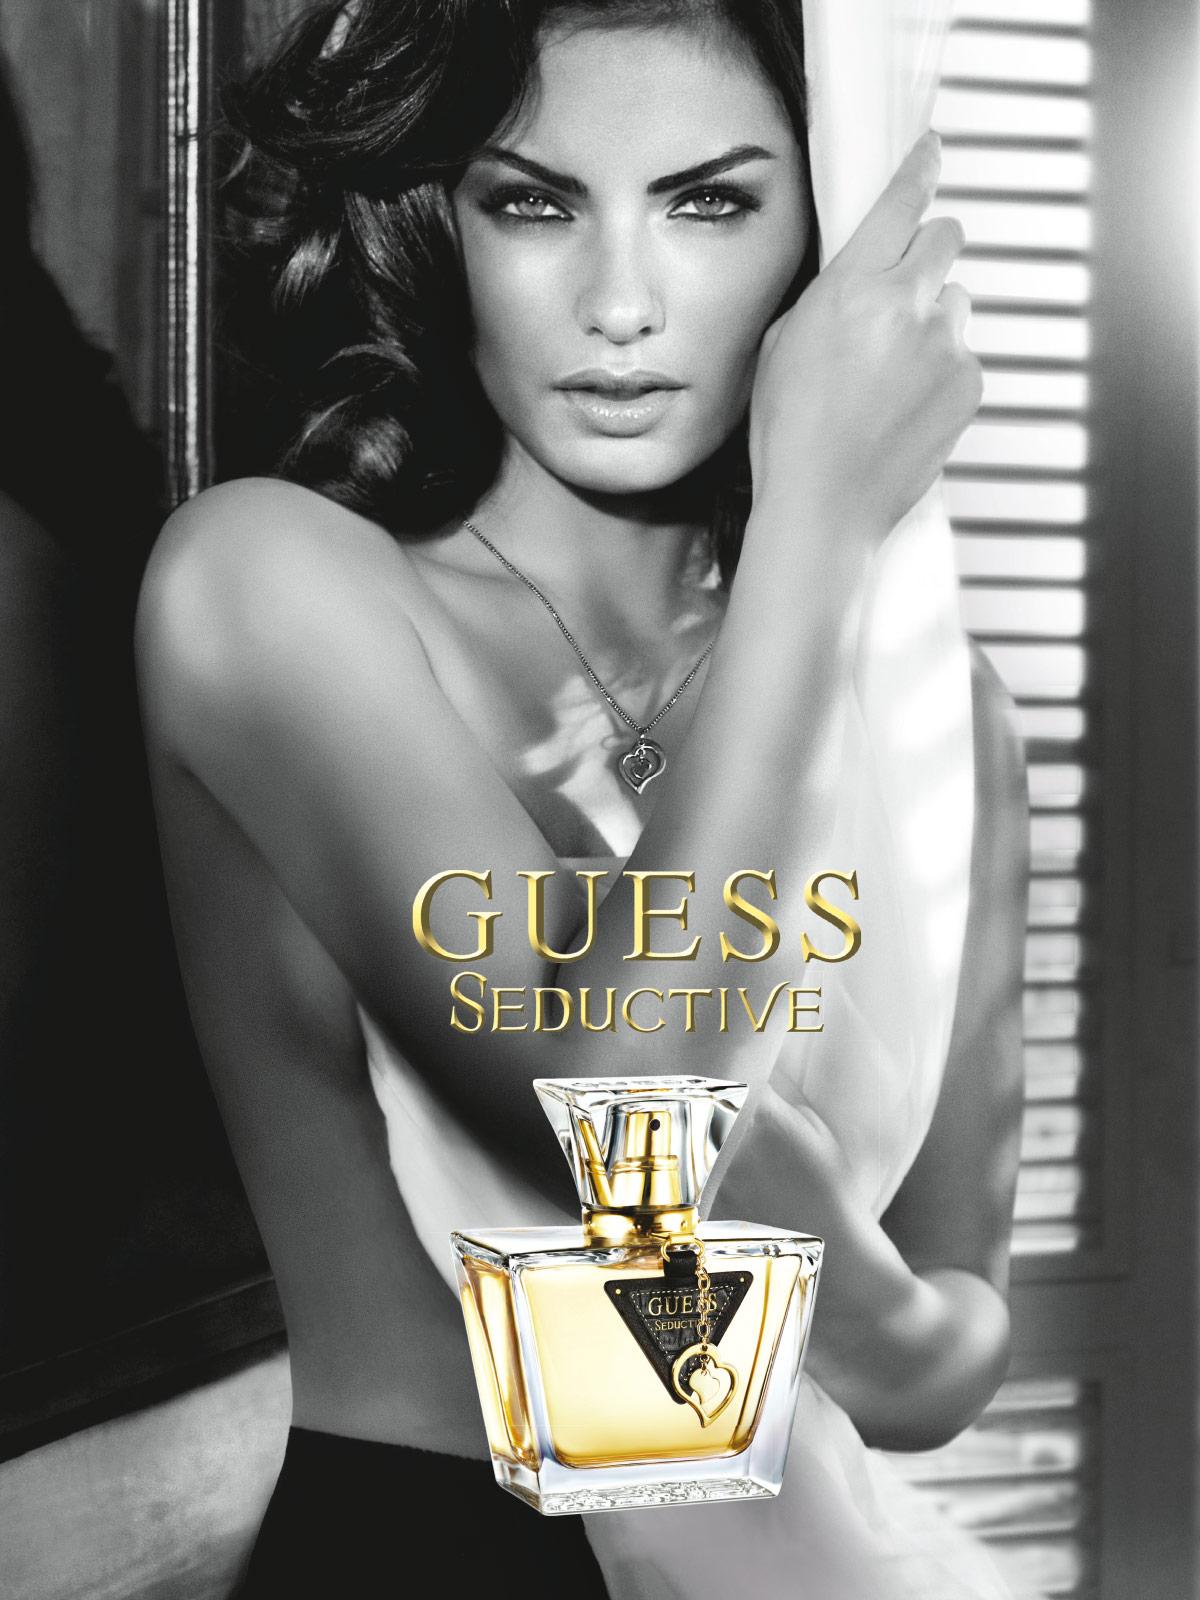 Ein Bild des Guts Seductive Parfume Visuals